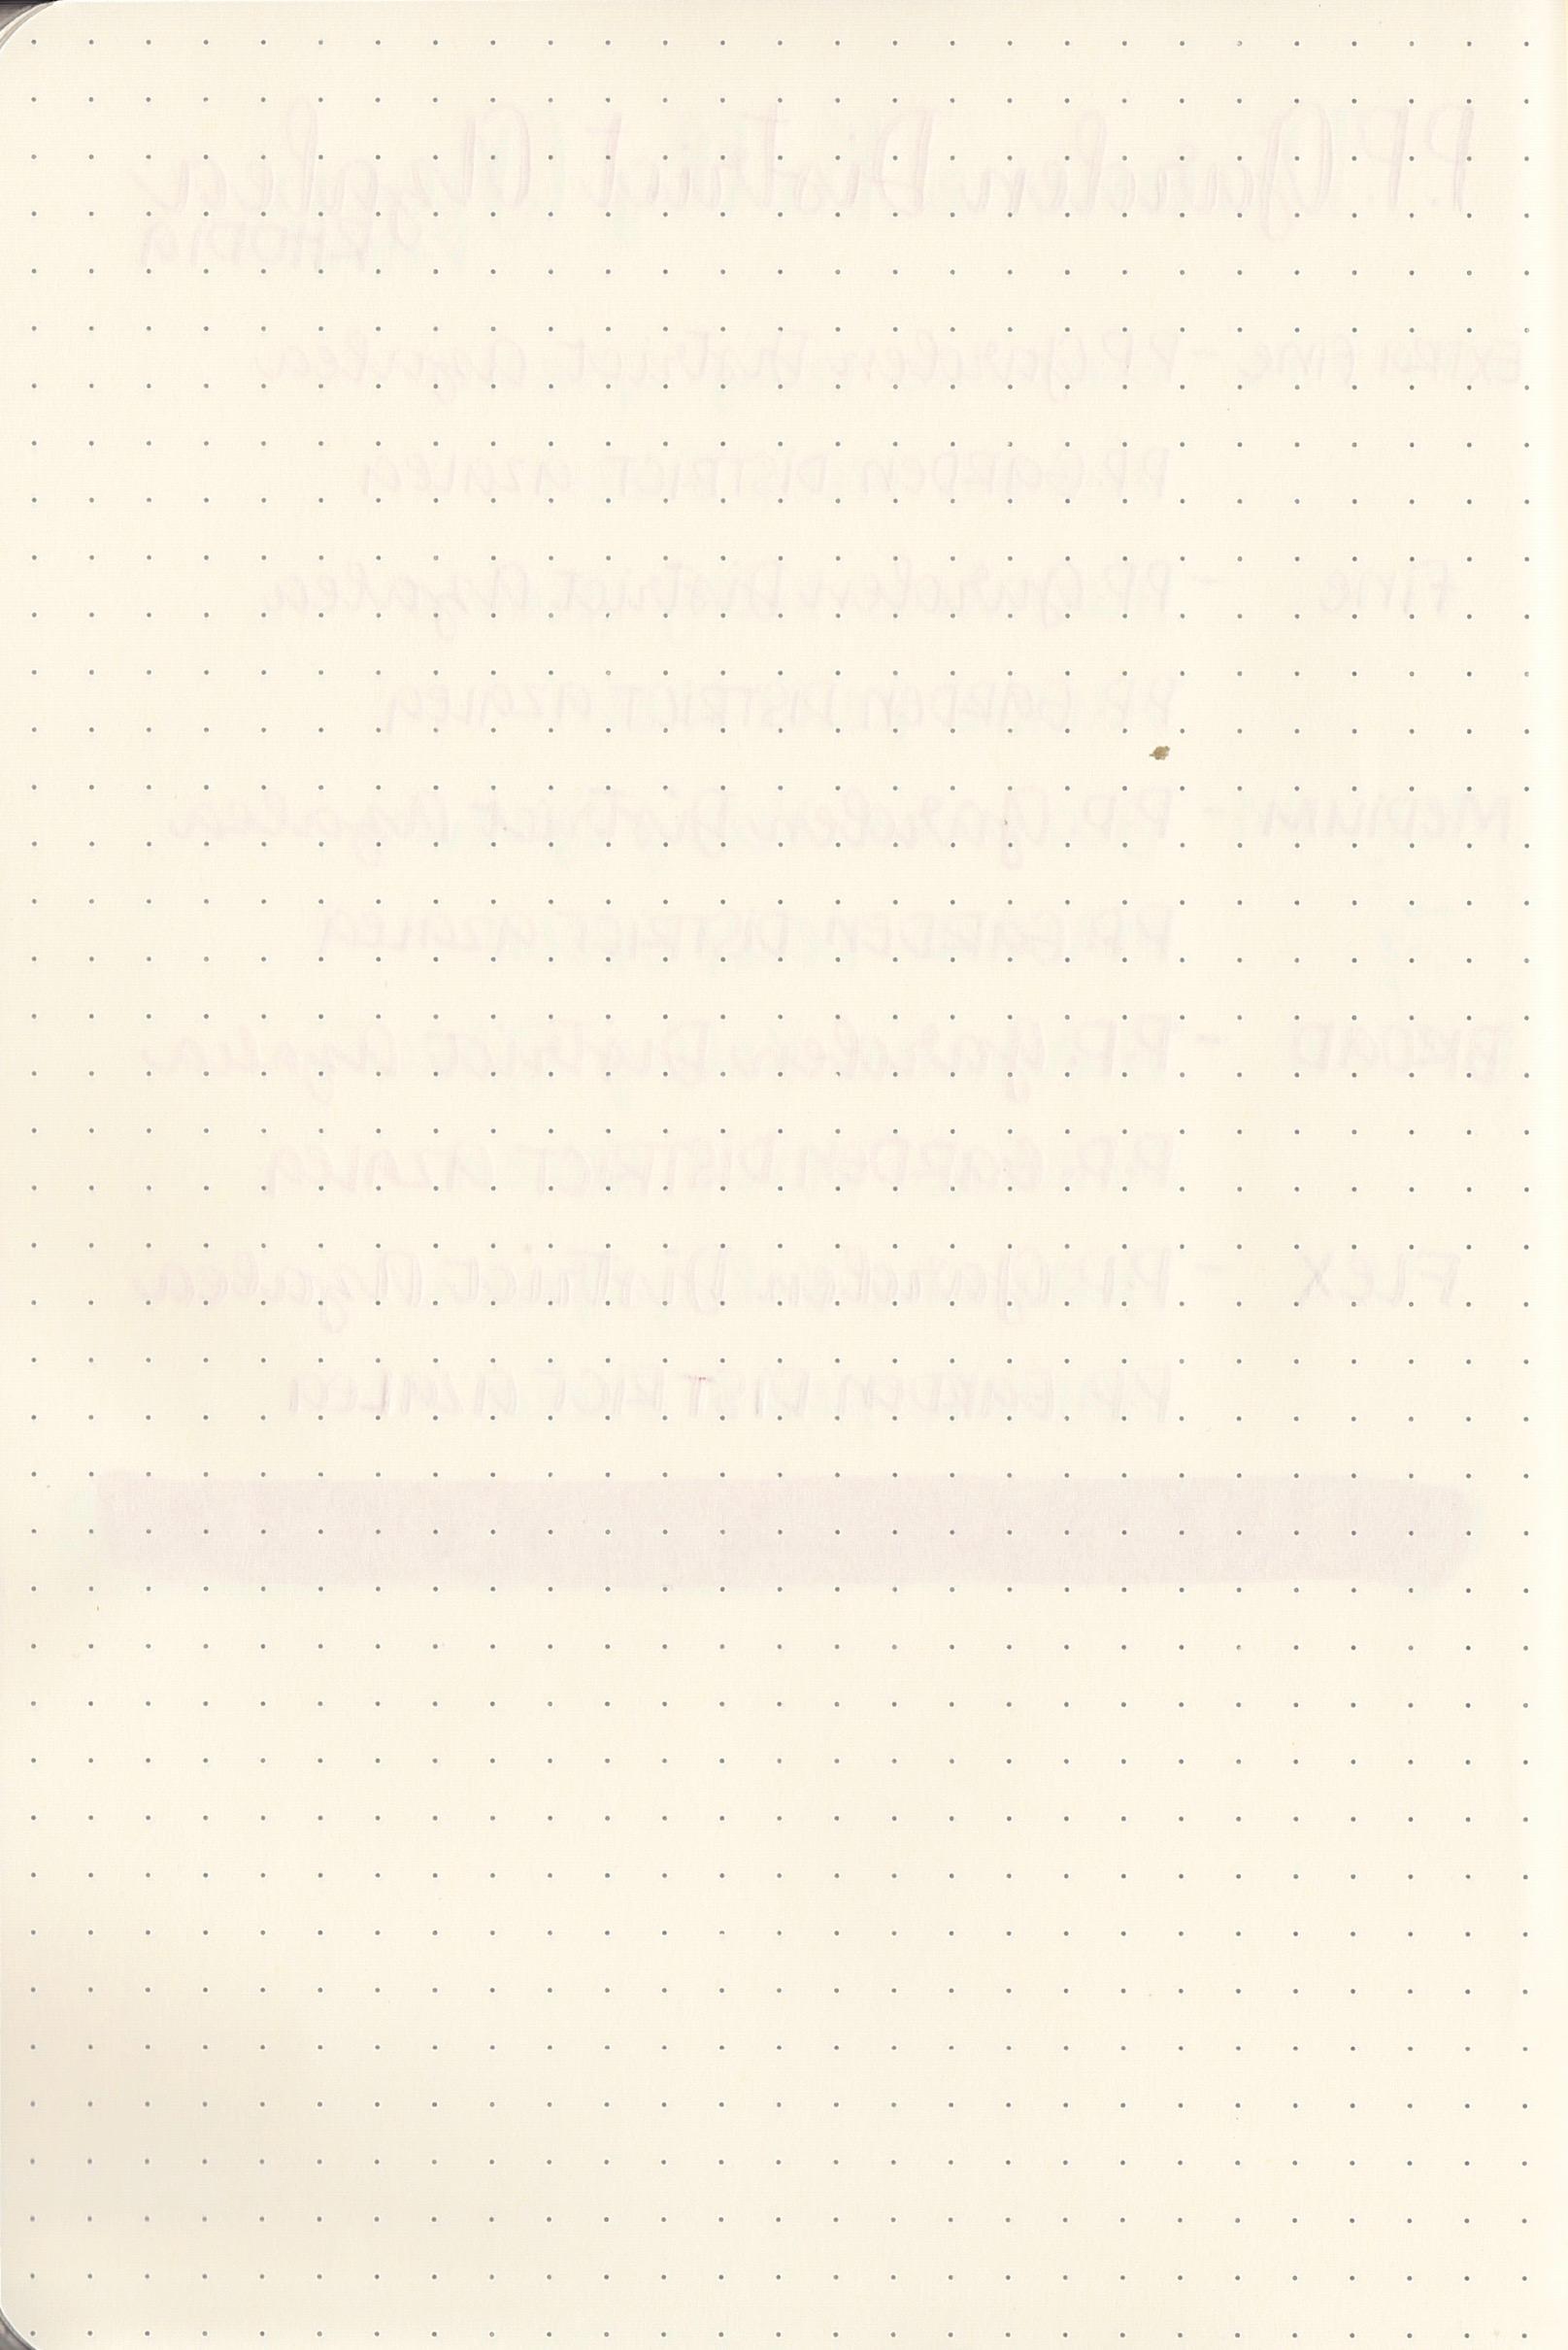 PPGardenDistrictAzalea - 14.jpg